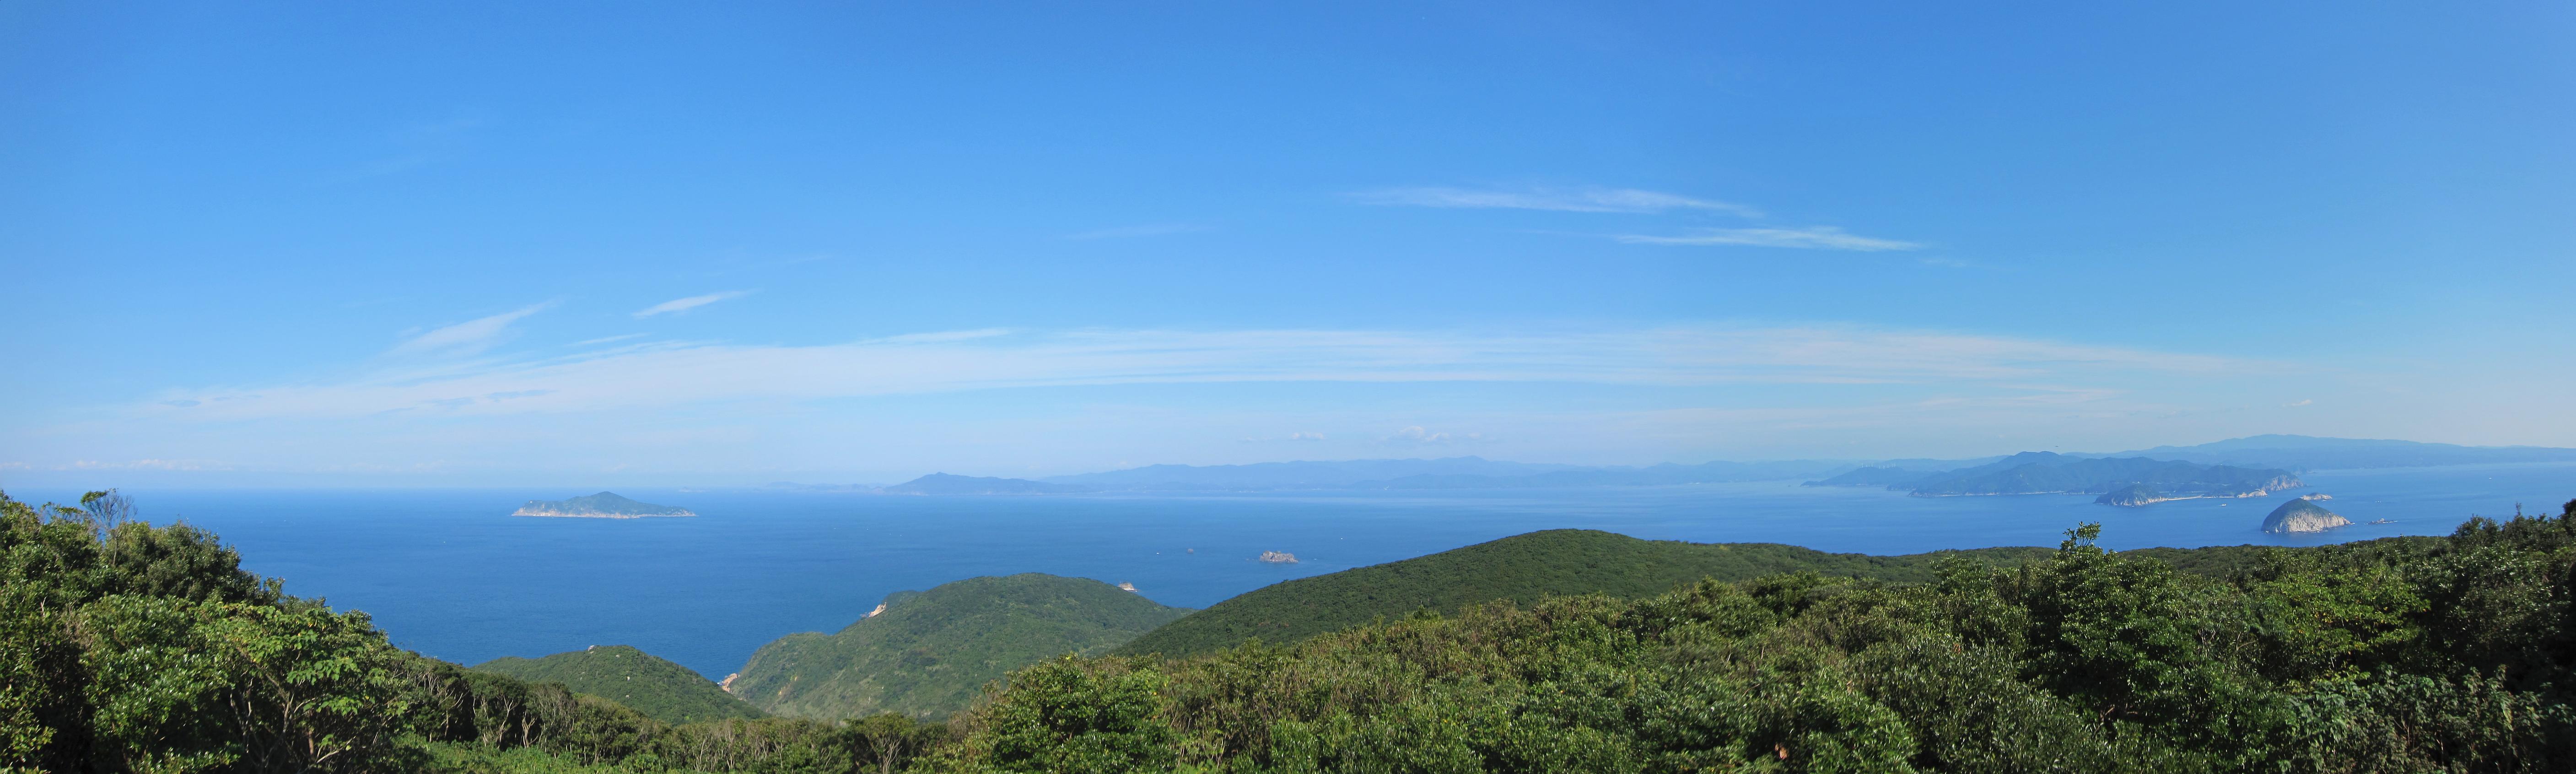 沖の島山頂からみた四国